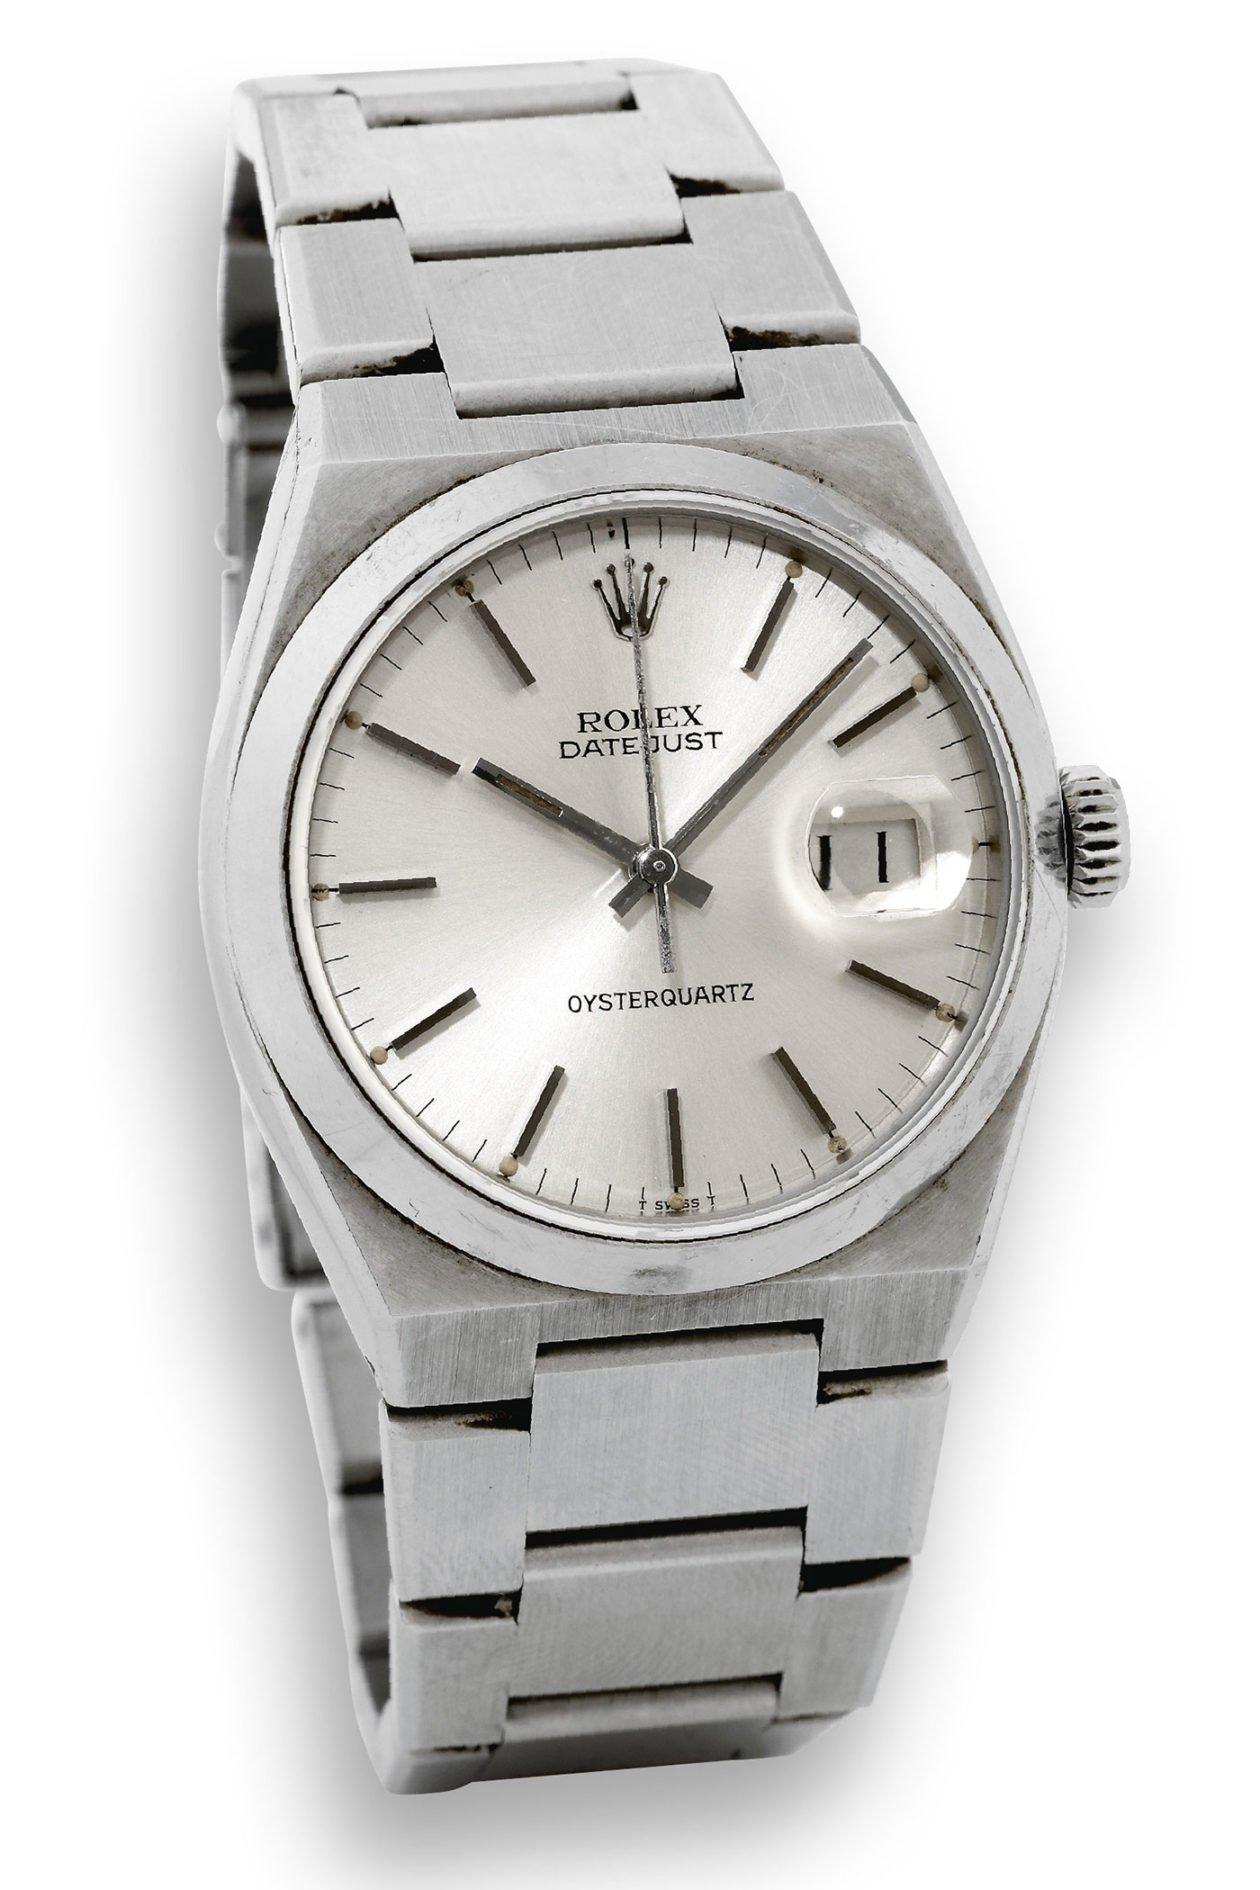 Rolex Datejust ref. 17000 / foto: Antiquorum